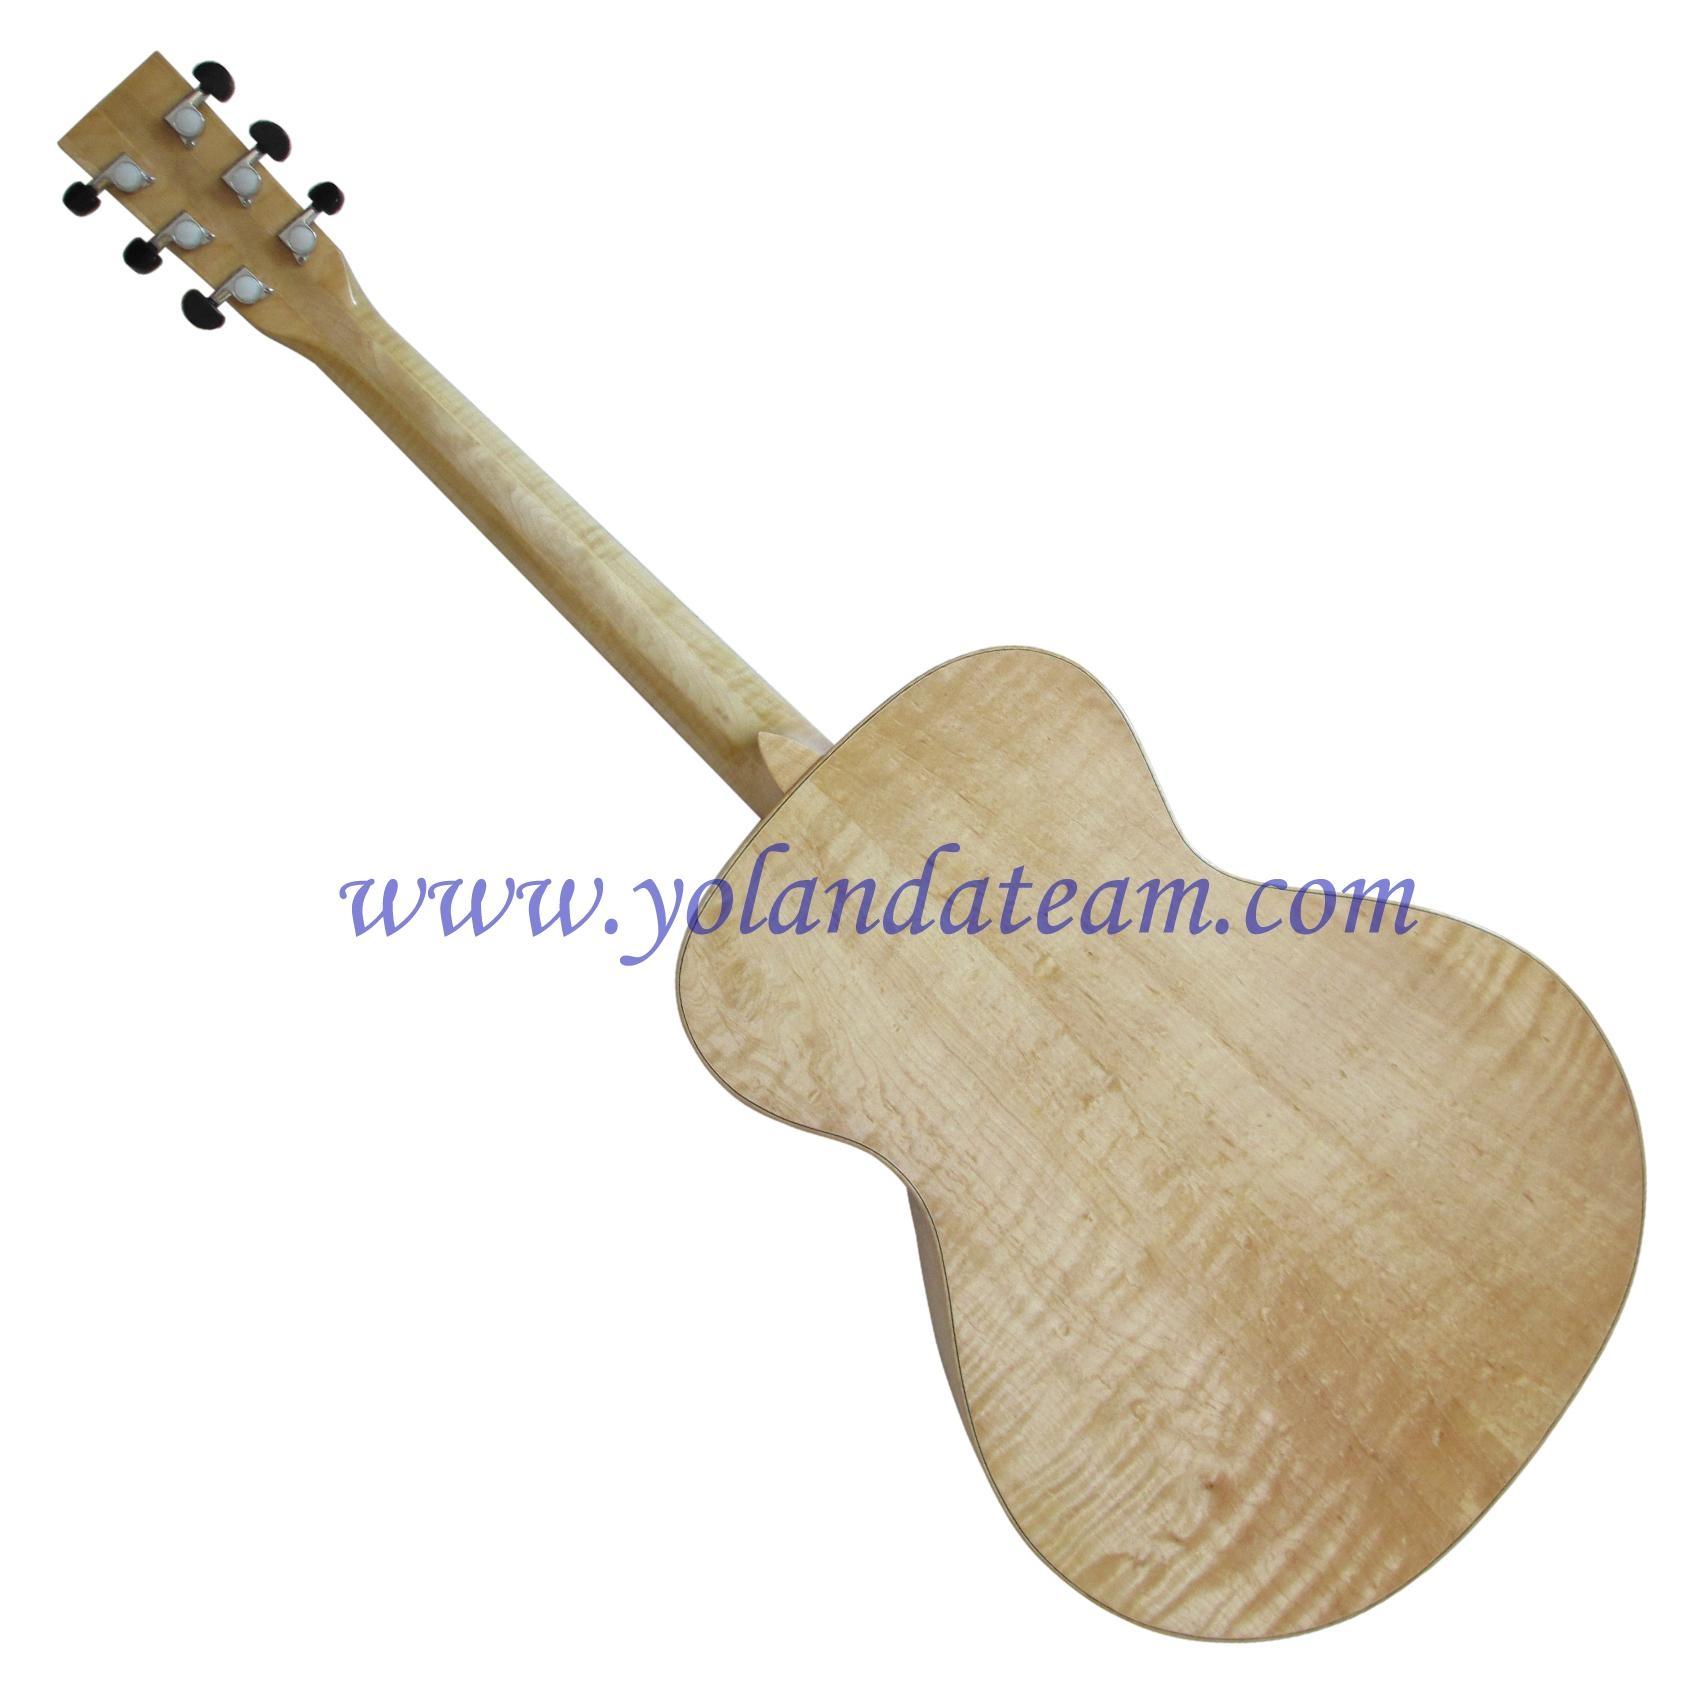 15寸民谣吉他 2